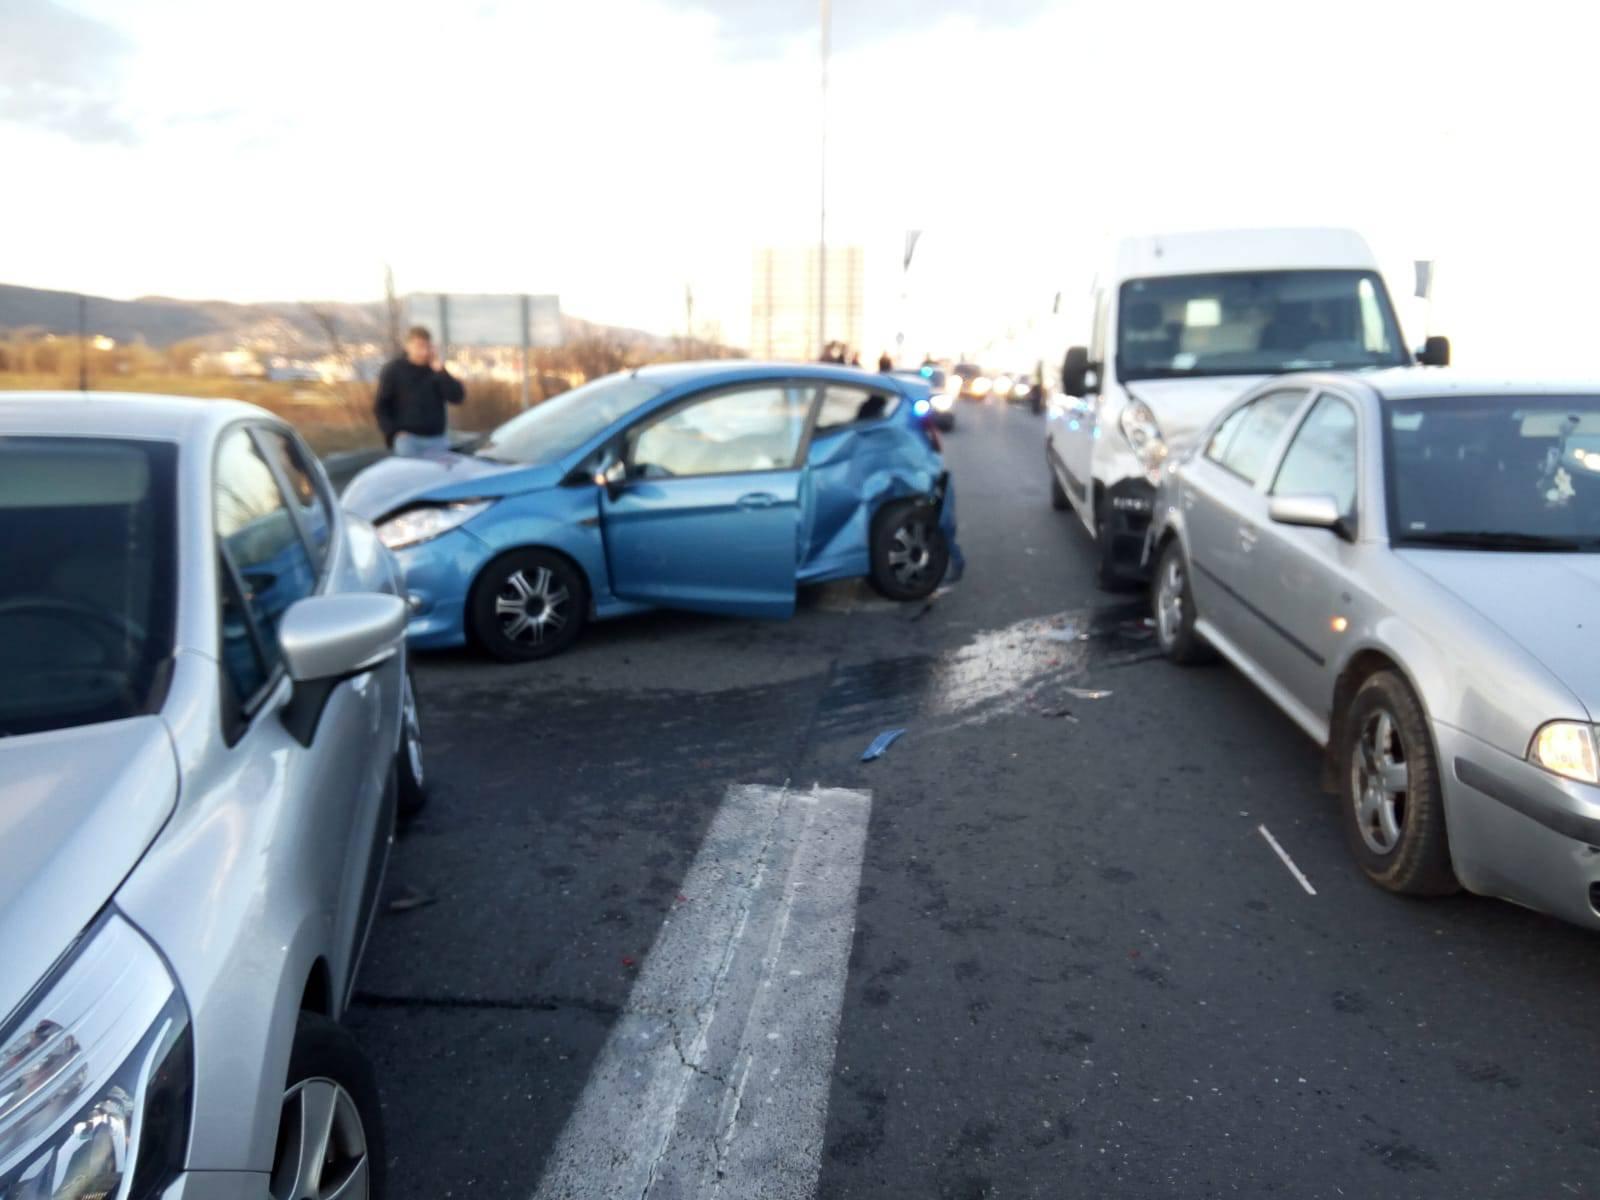 Sudarila se dva automobila i kombi, jedan čovjek je ozlijeđen